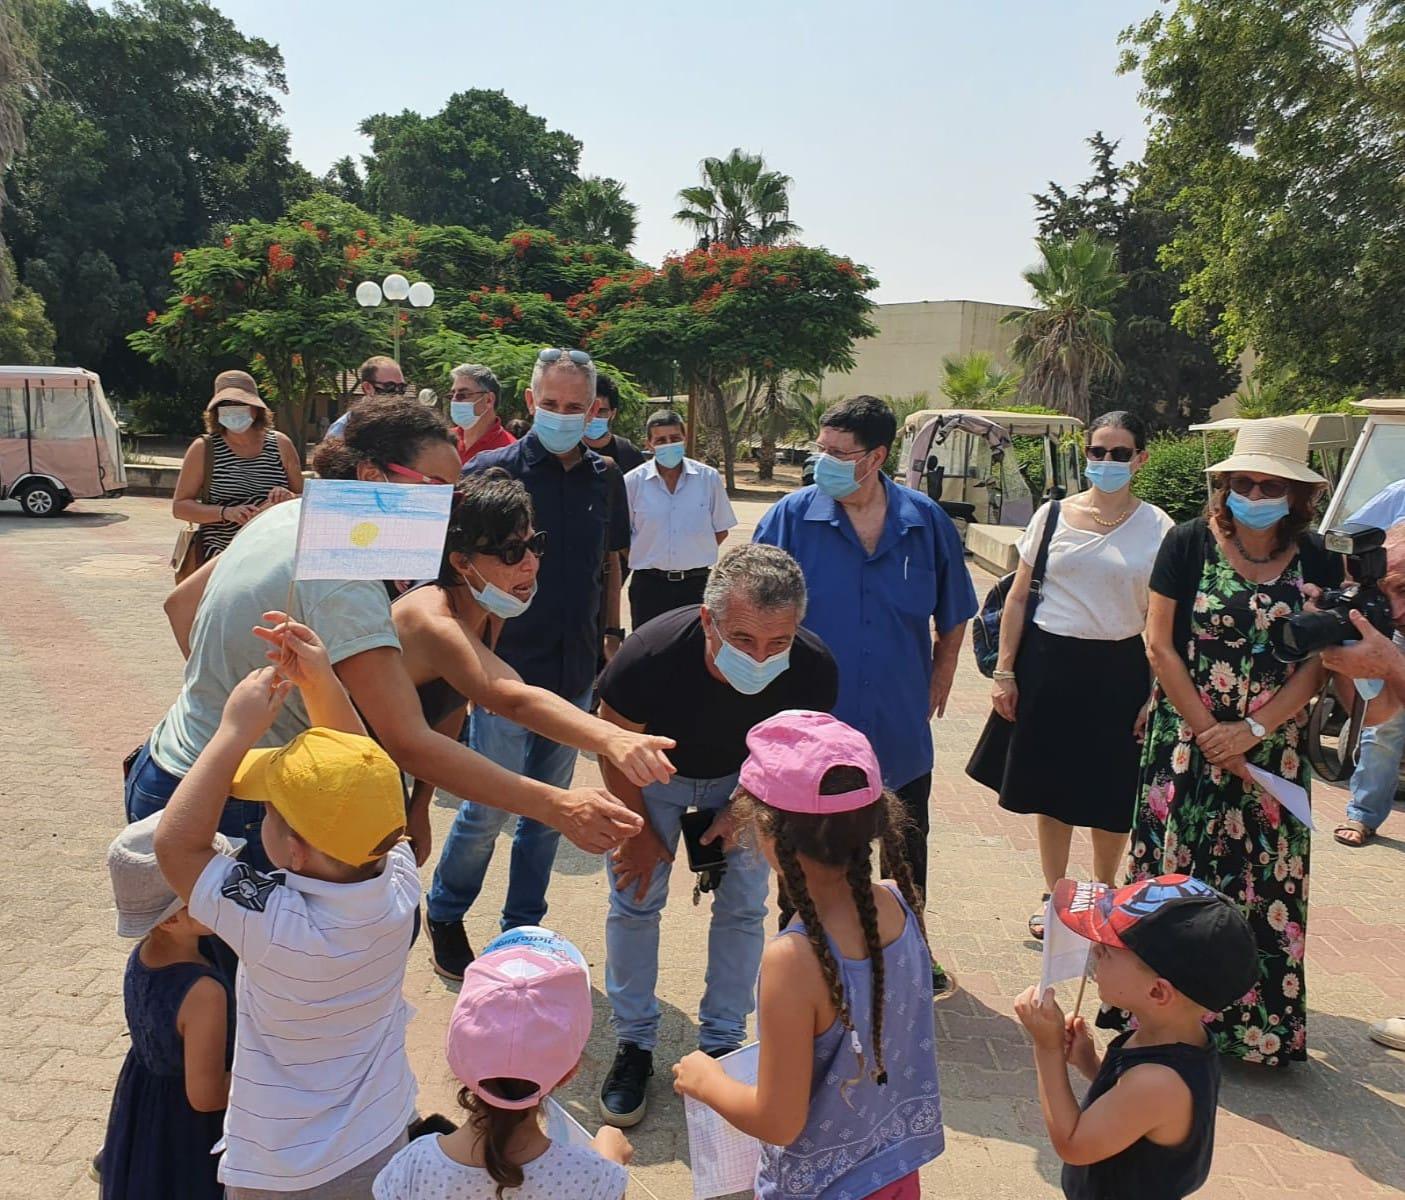 השגריר הארגנטינאי זוכה לקבלת פנים מרגשת מילדי הקיבוץ